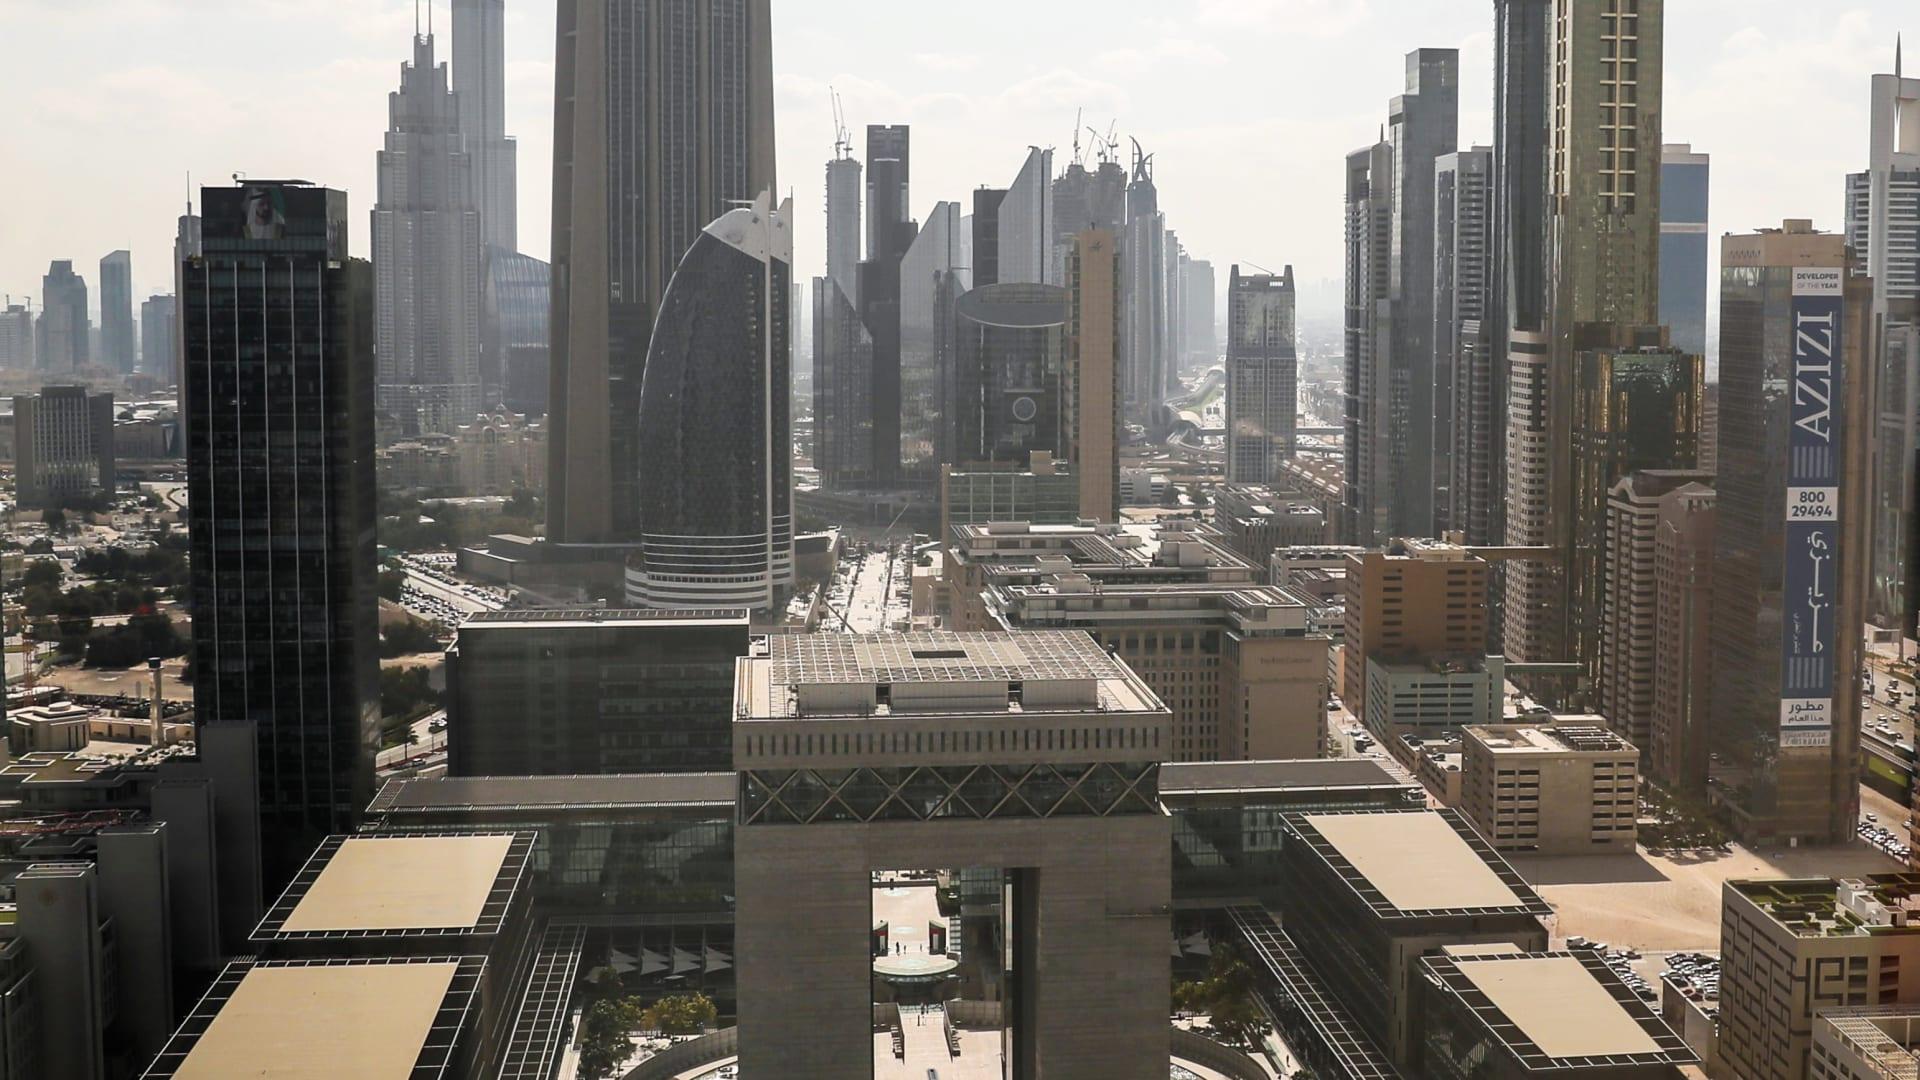 في دبي .. رخصة عمل جديدة مخصصة لدعم رواد الأعمال